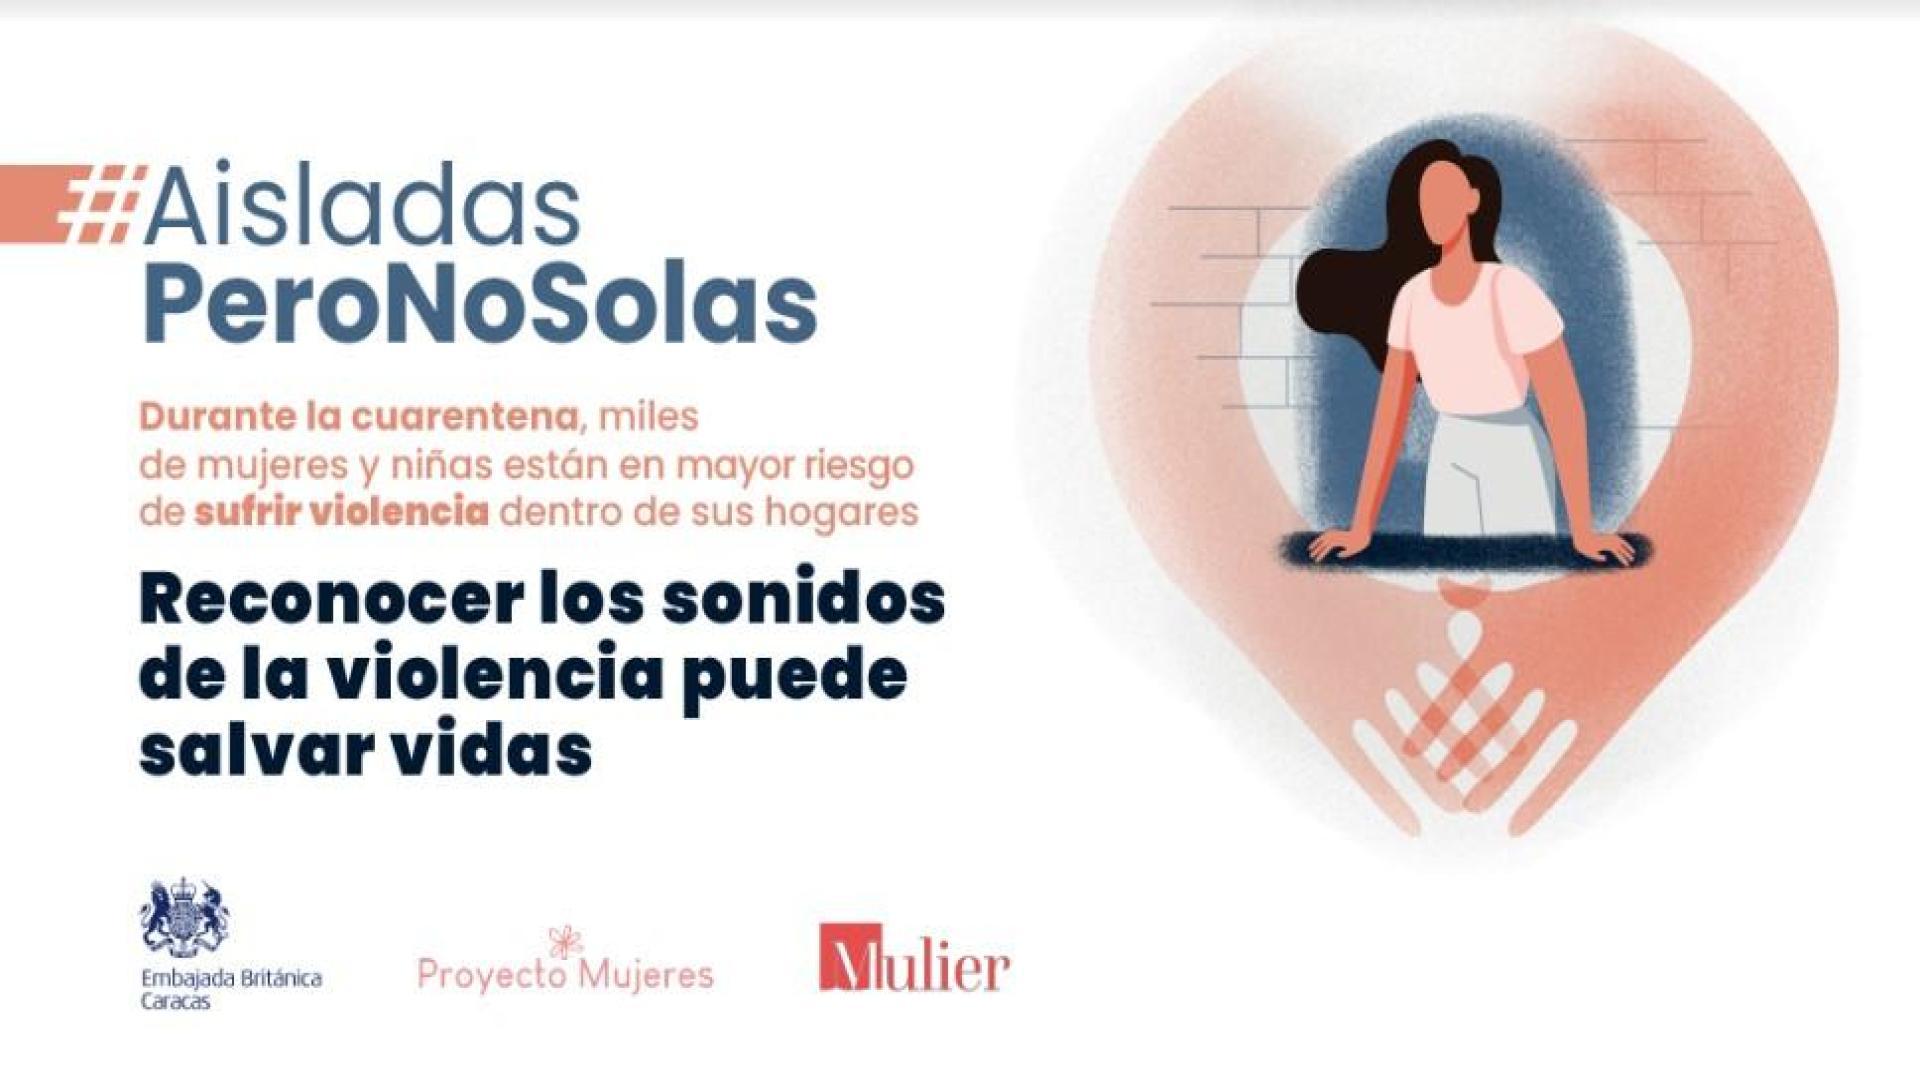 """Lanzan campaña """"Aisladas, pero no solas"""" para alertar sobre la violencia doméstica durante la pandemia"""